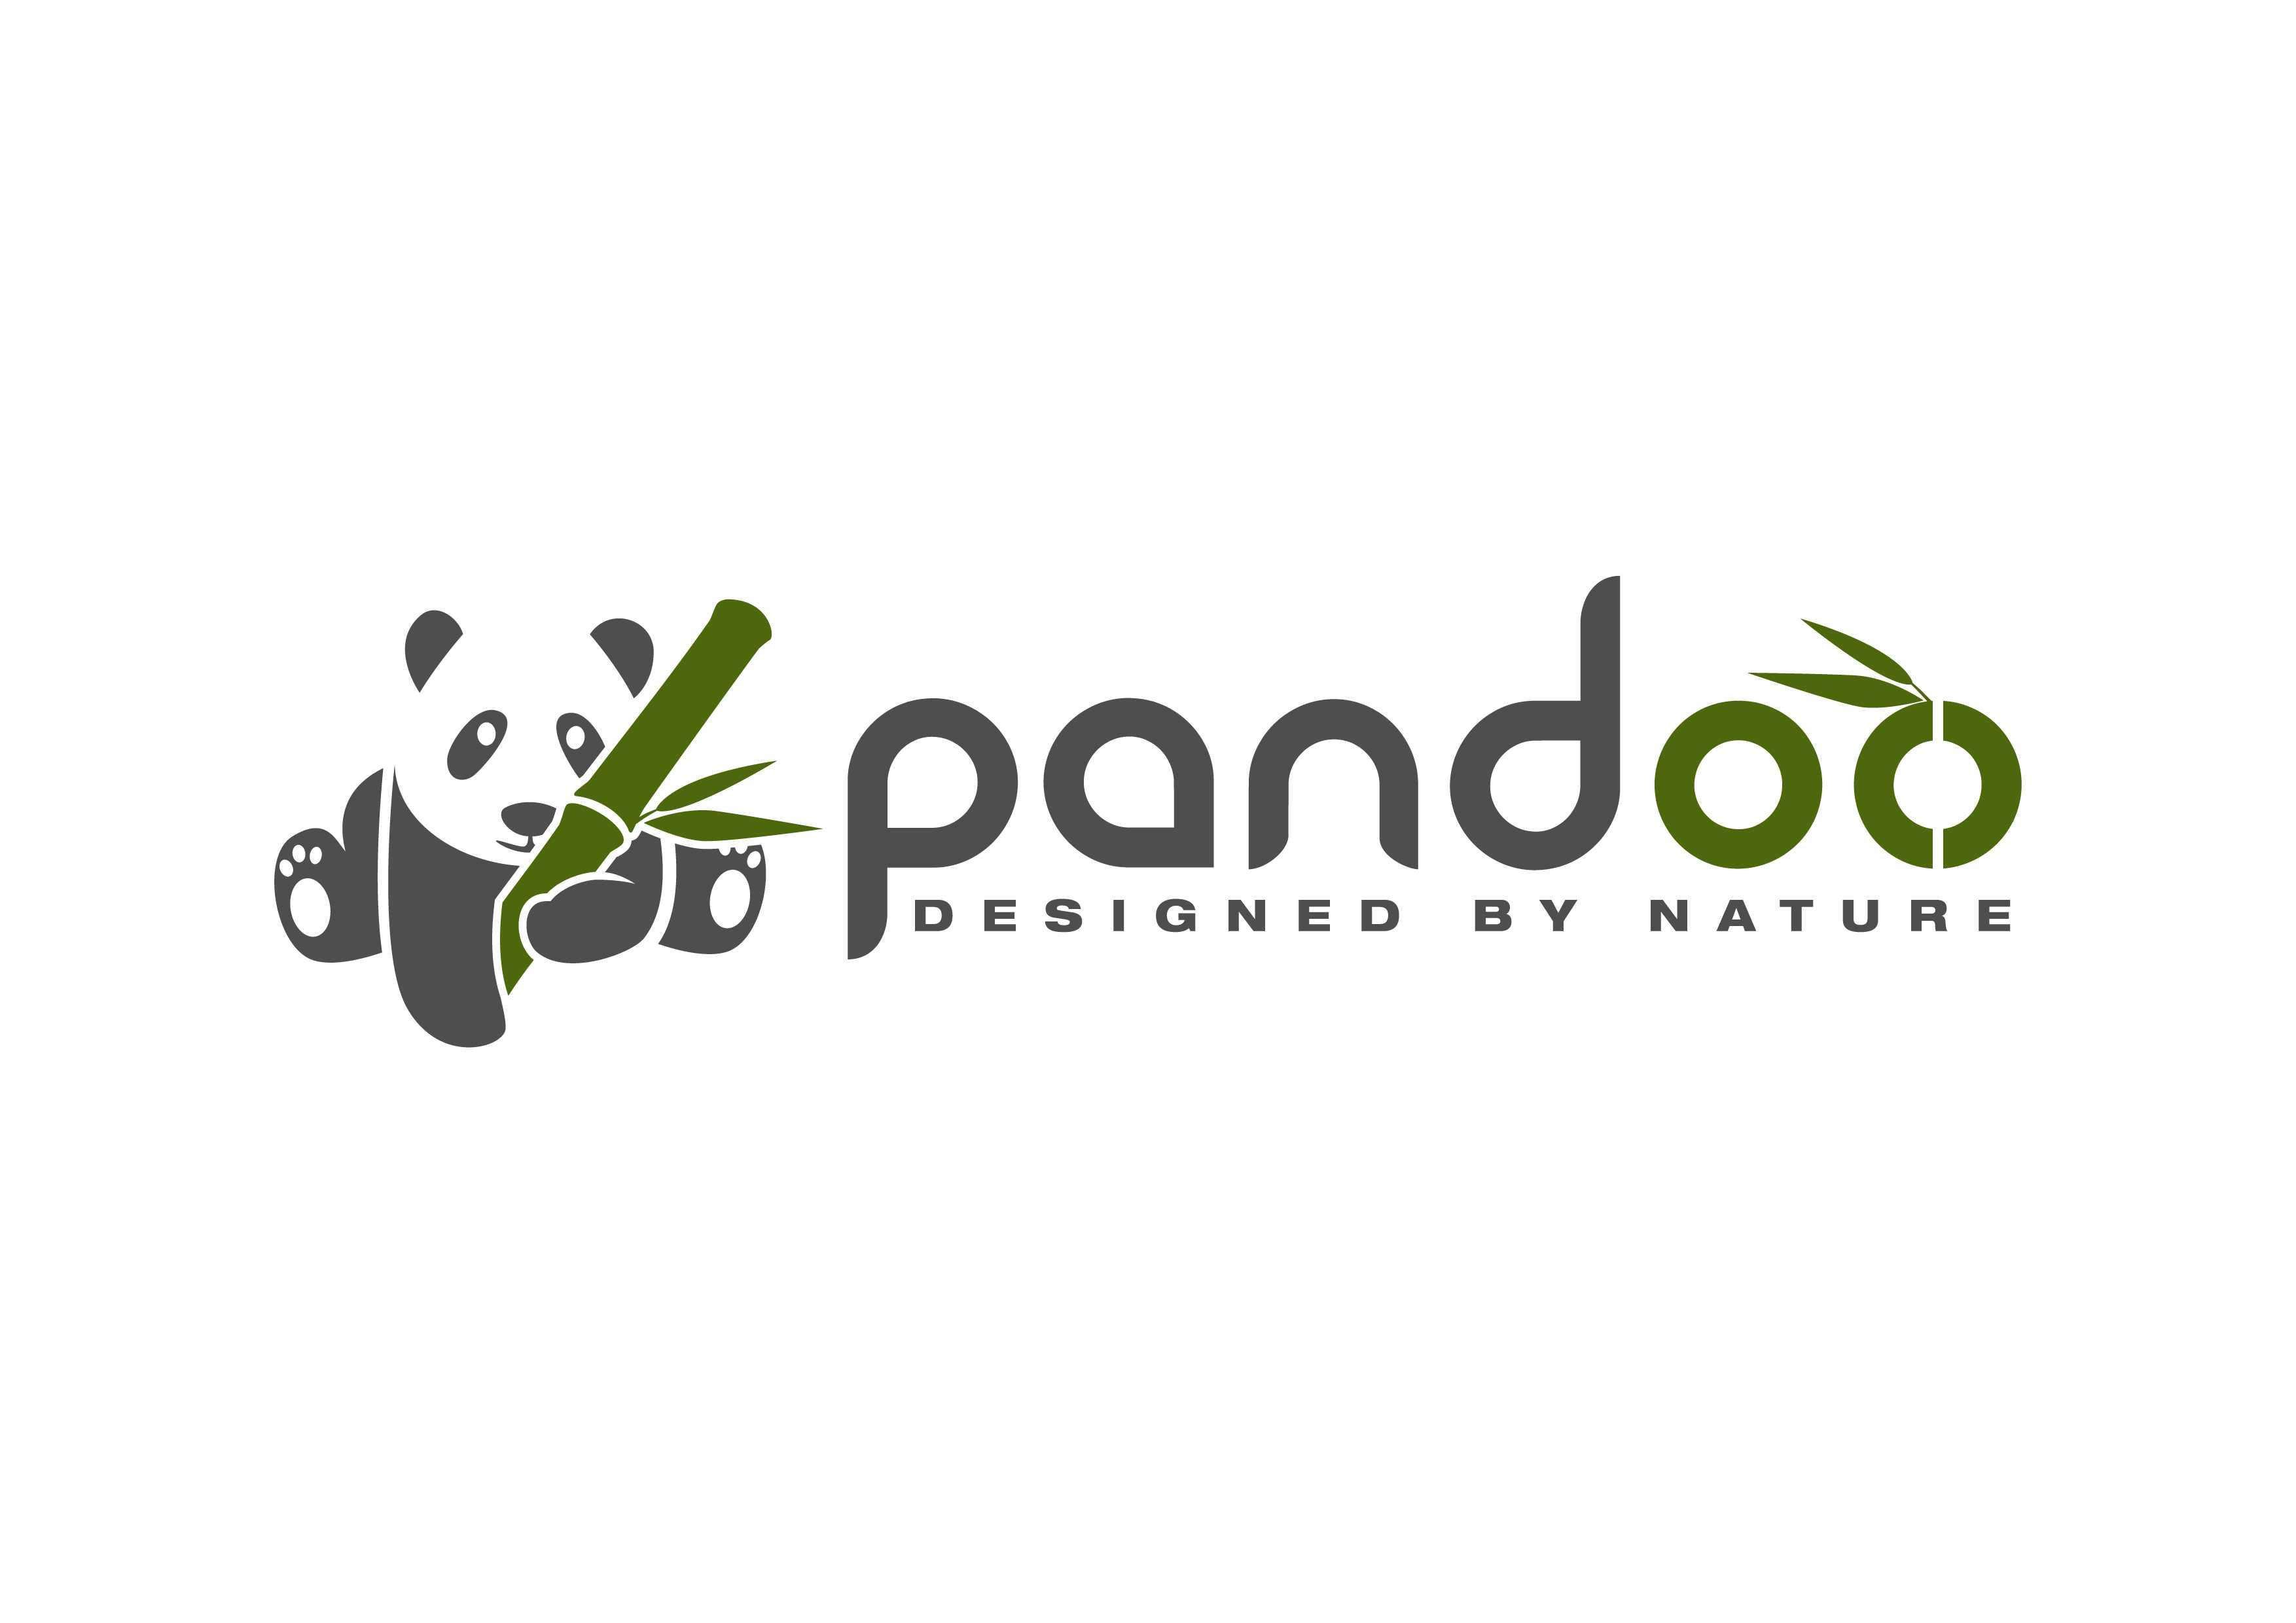 Pandoo